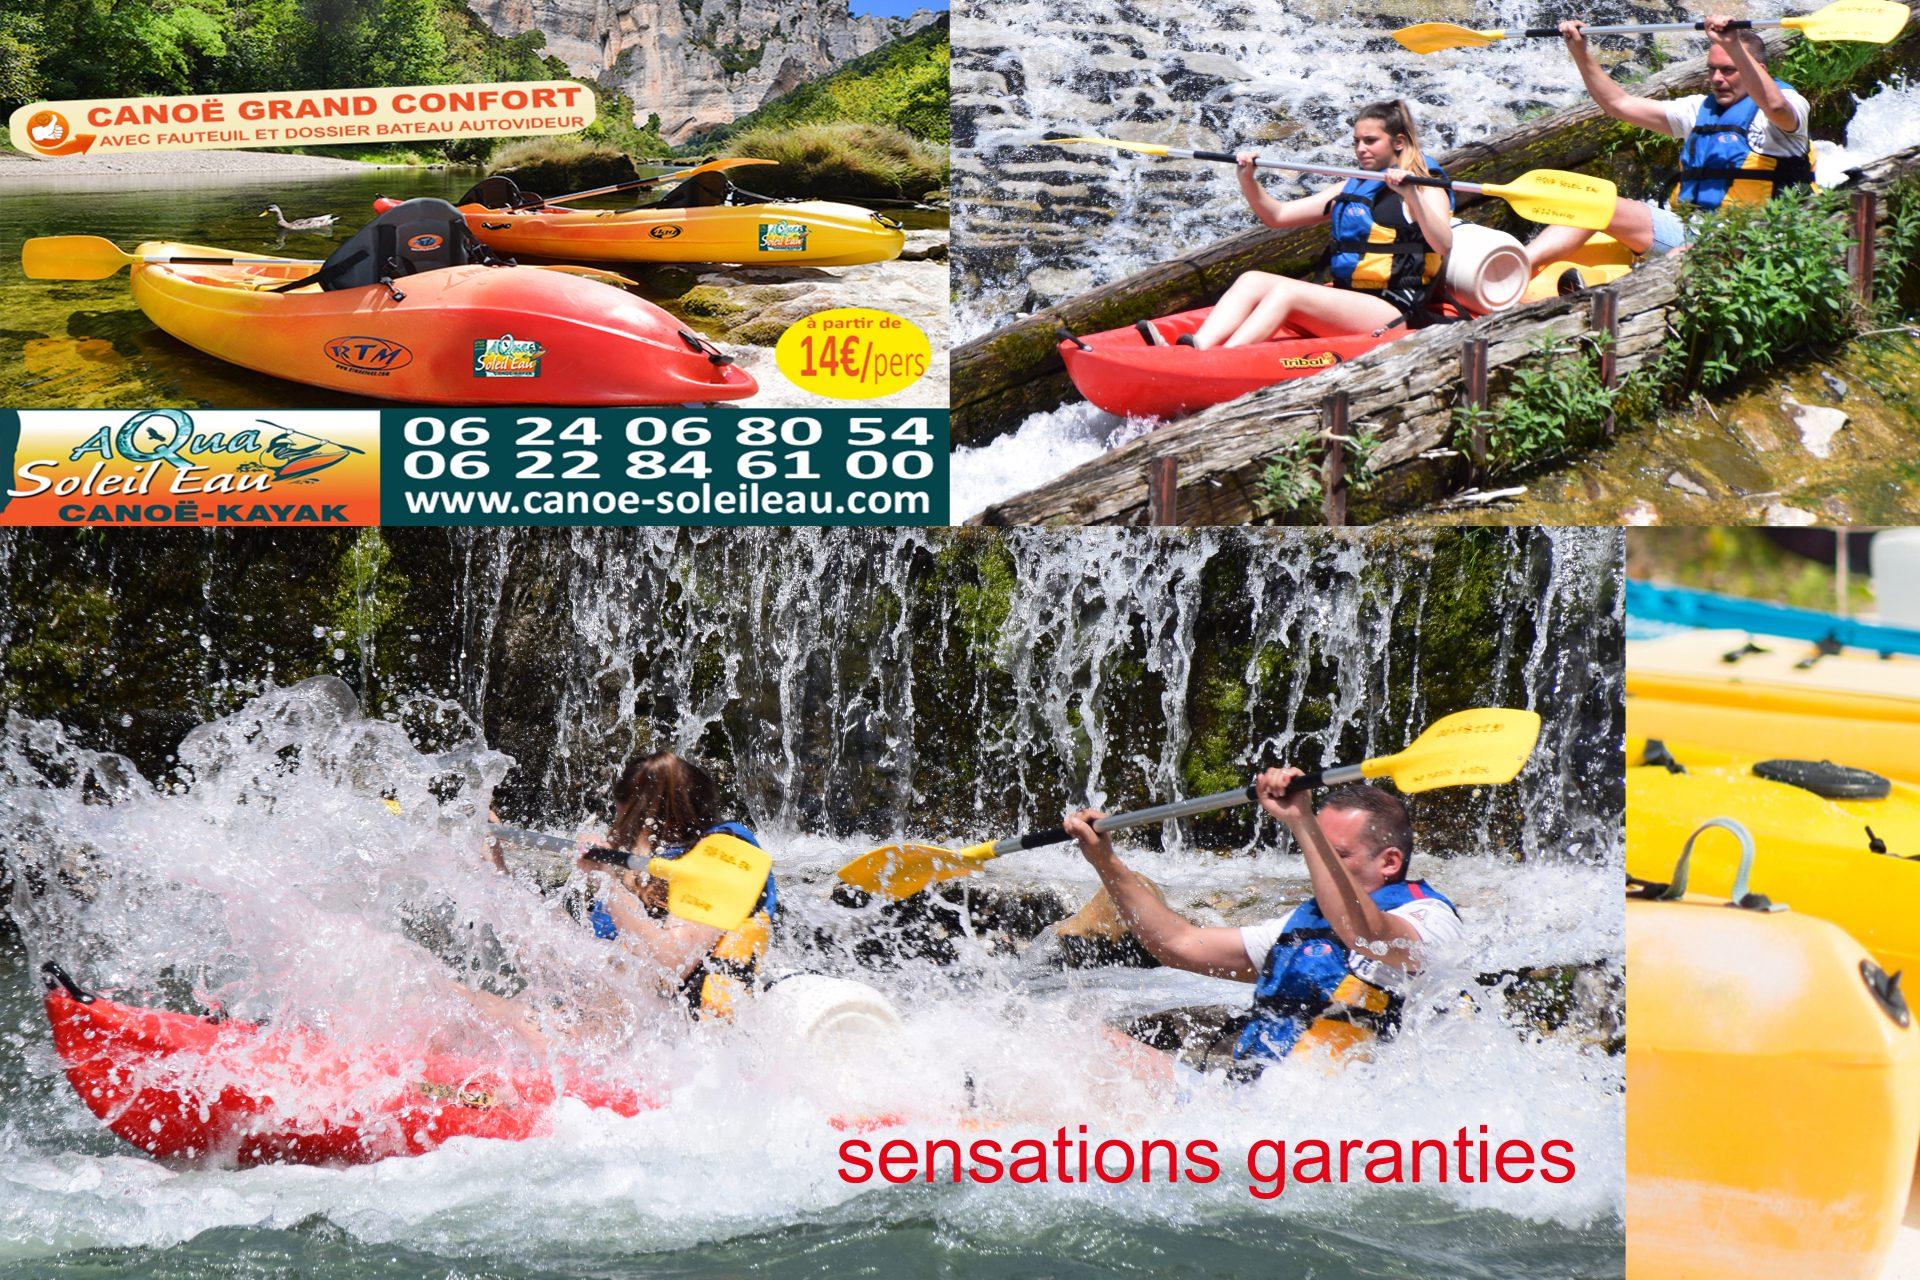 émotions garanties en canoé kayak sur le Tarn au coeur des Gorges du Tarn avec Aqua Soleil Eau Canoë Aveyron Lozère